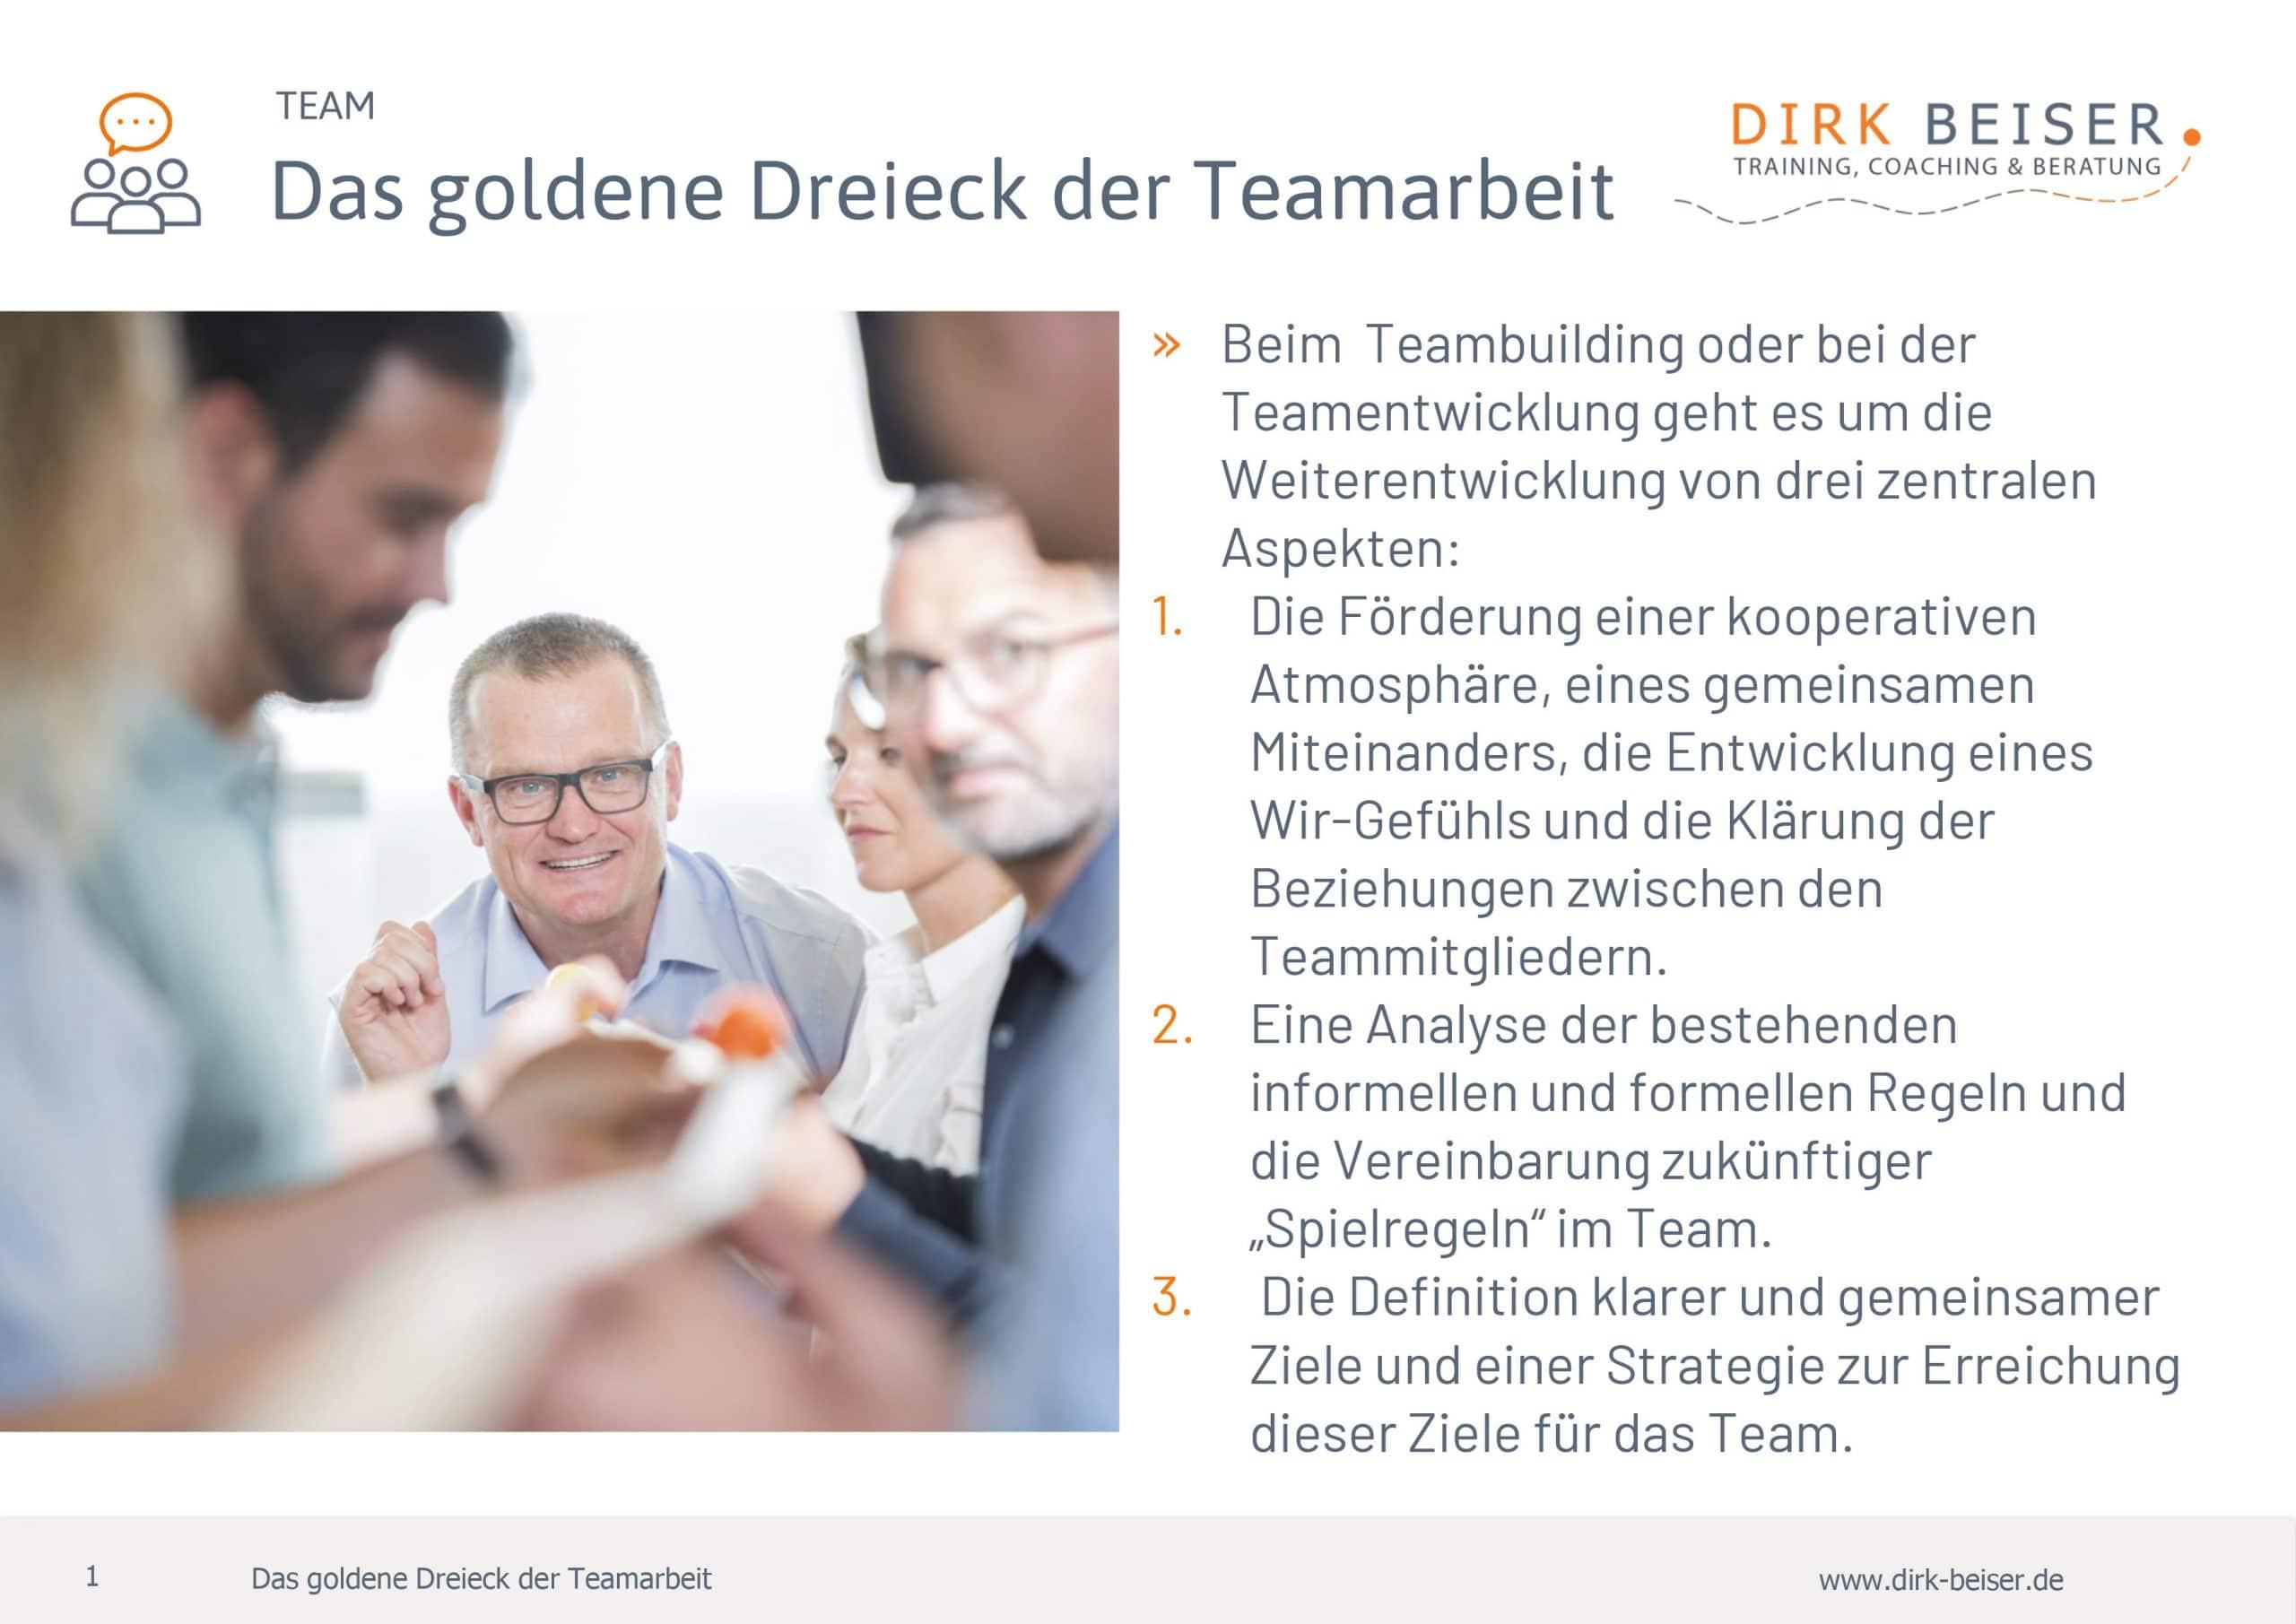 Das Goldene Dreieck der Teamarbeit